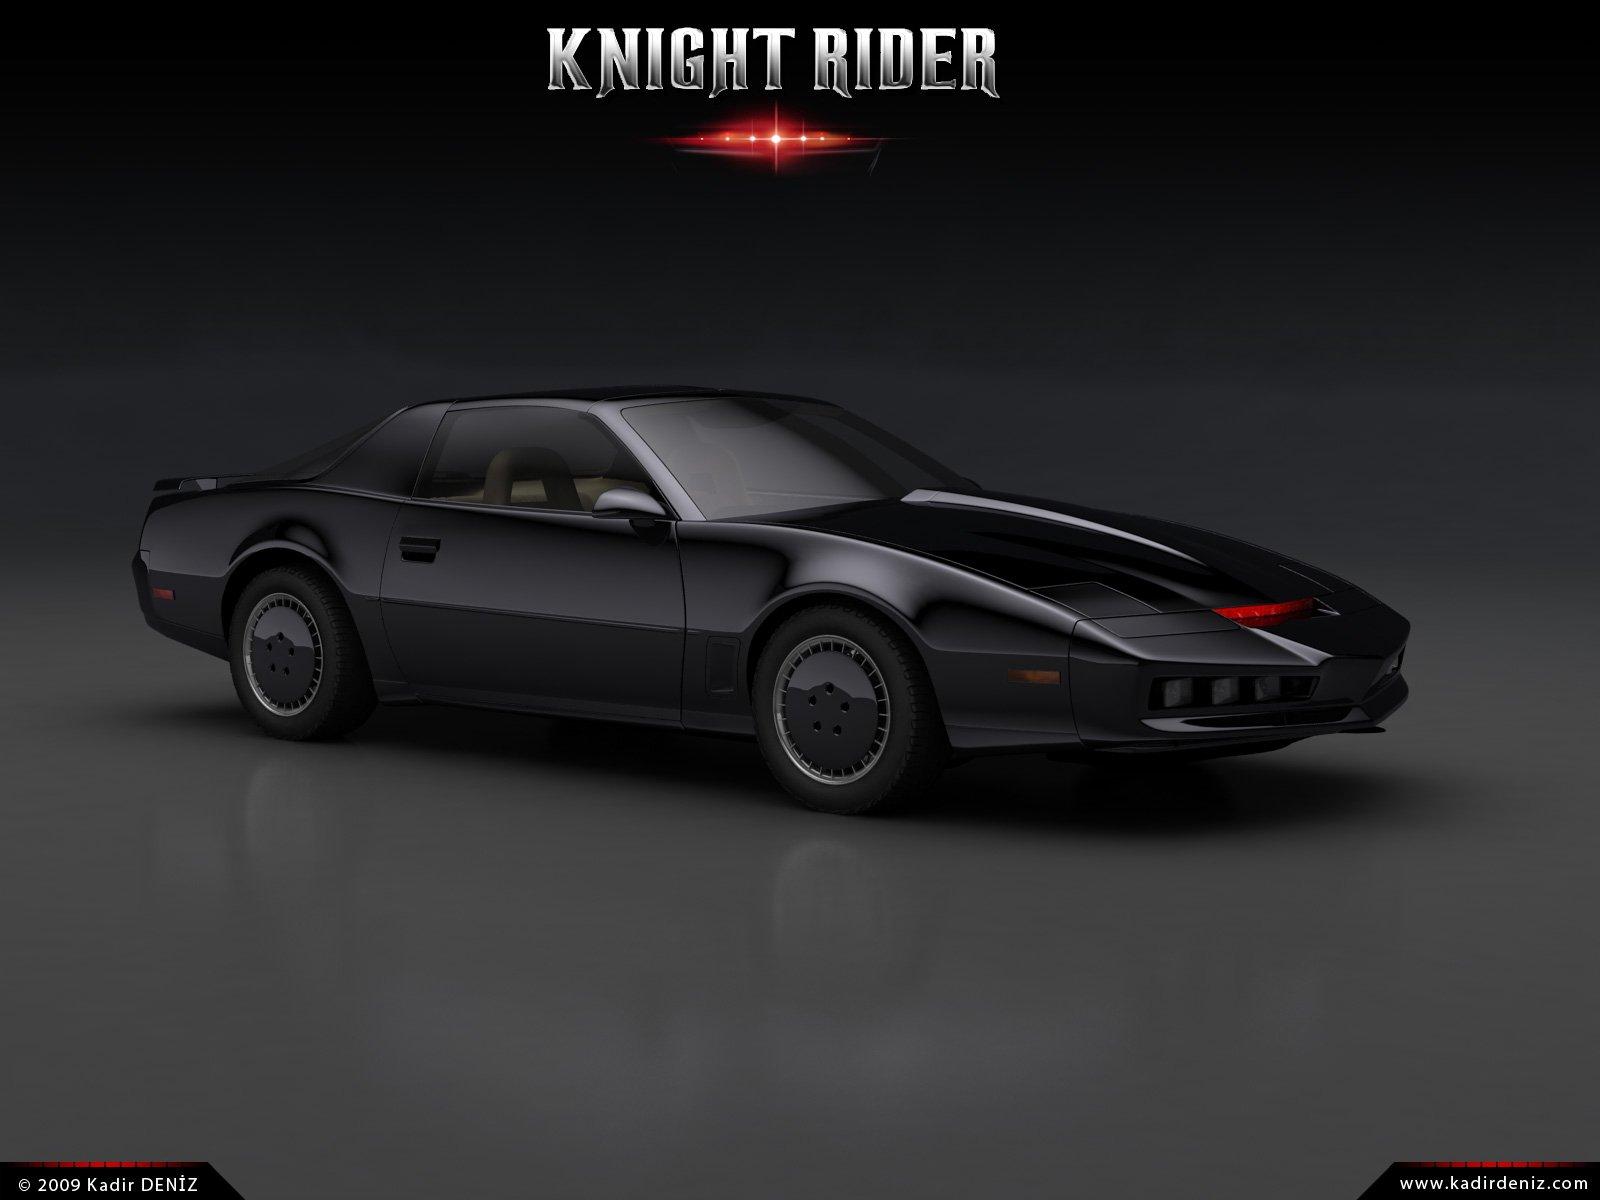 Knight Rider wallpaper 1600x1200